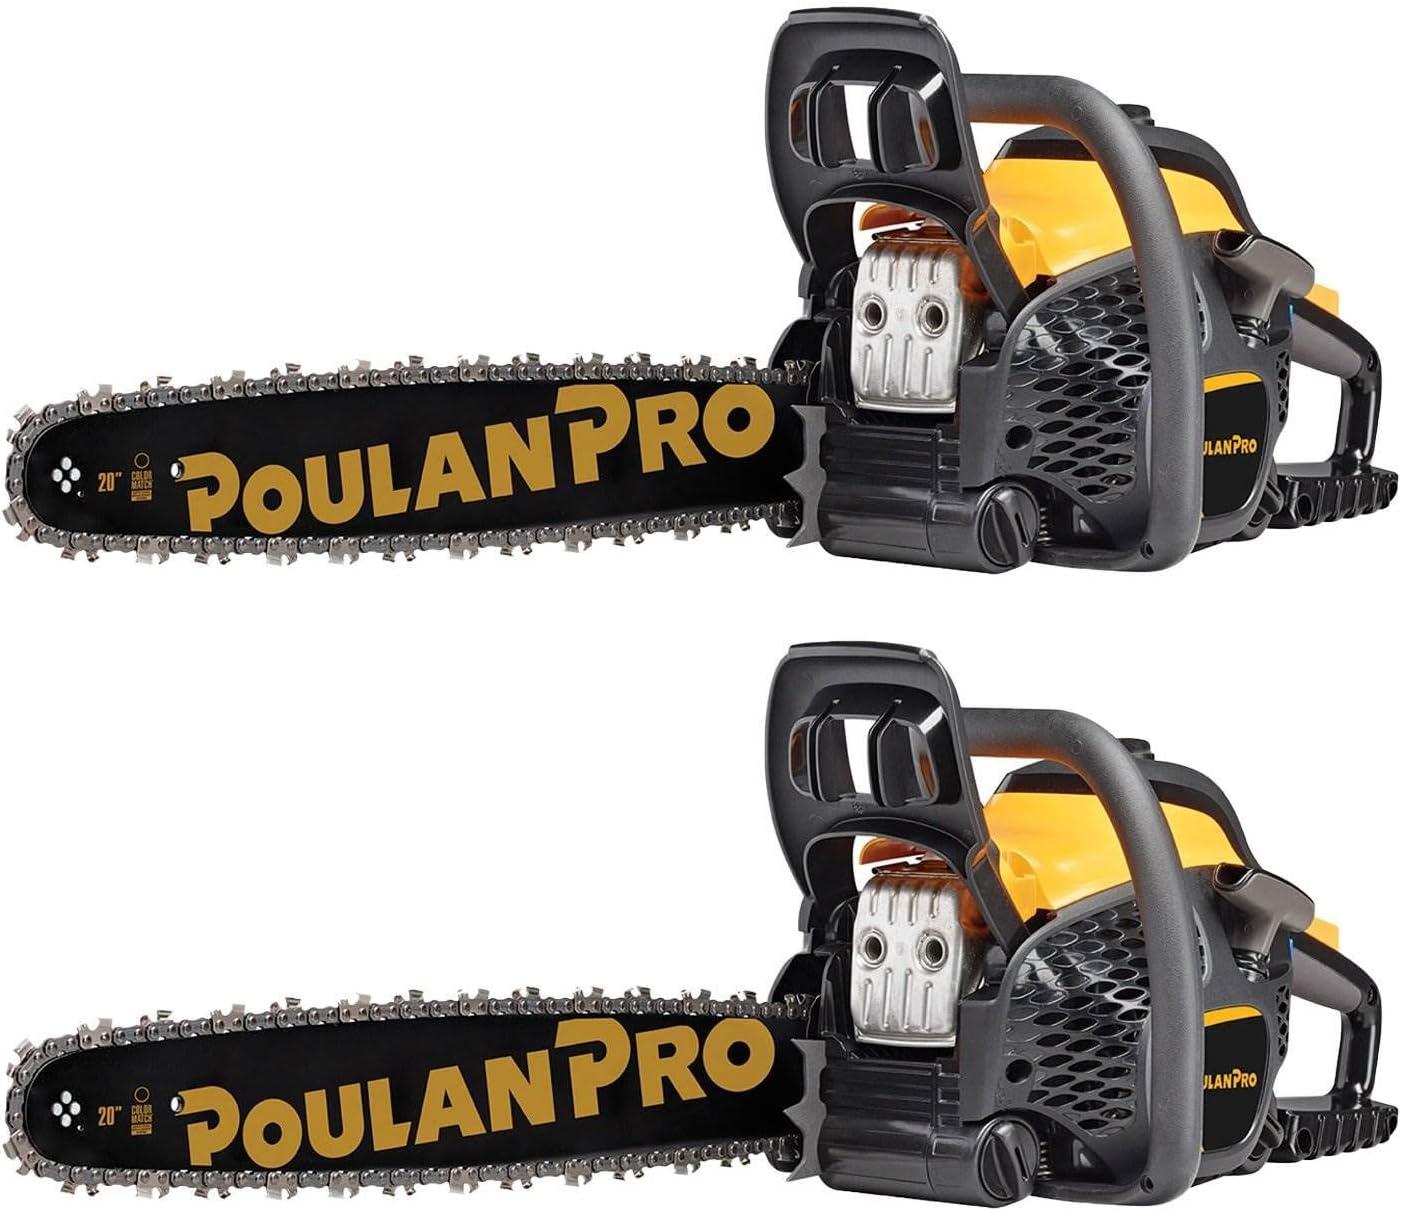 2. Poulan Pro PP5020AV